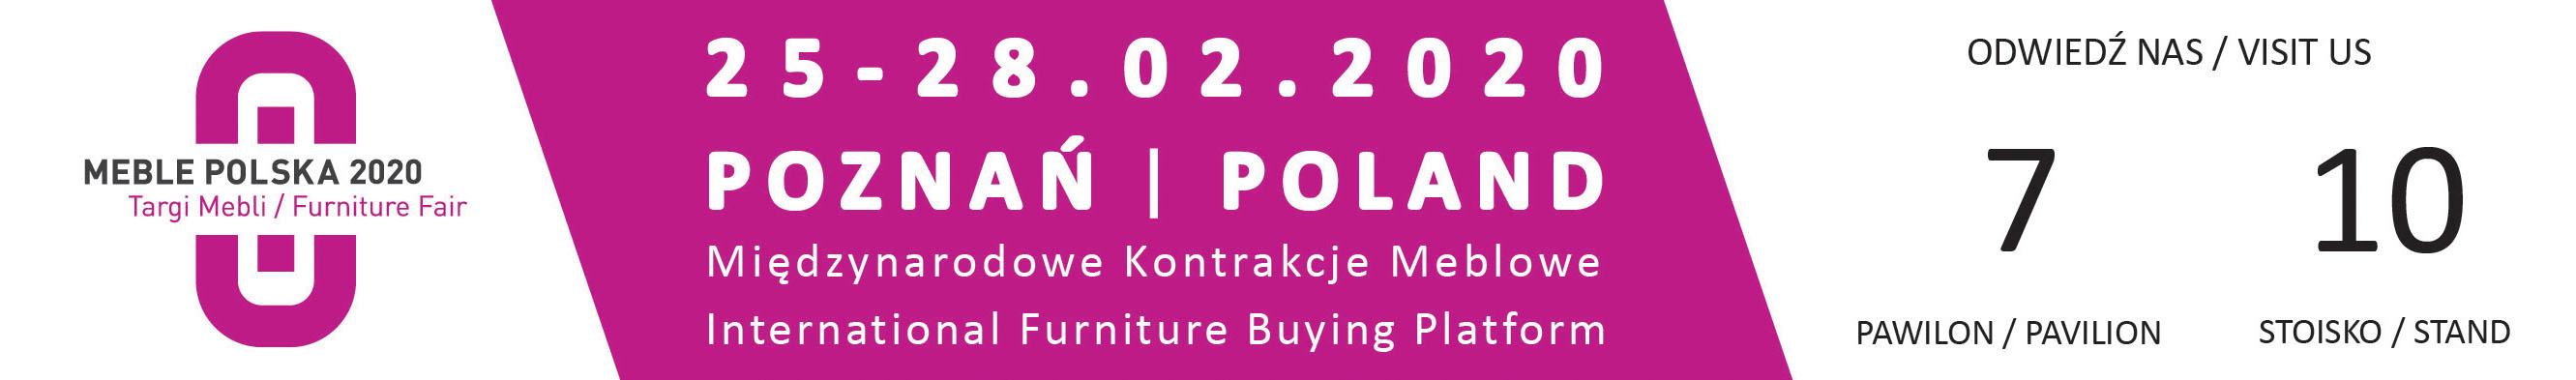 Tobo_Targi_meble_Polska_poznan_2020.jpg